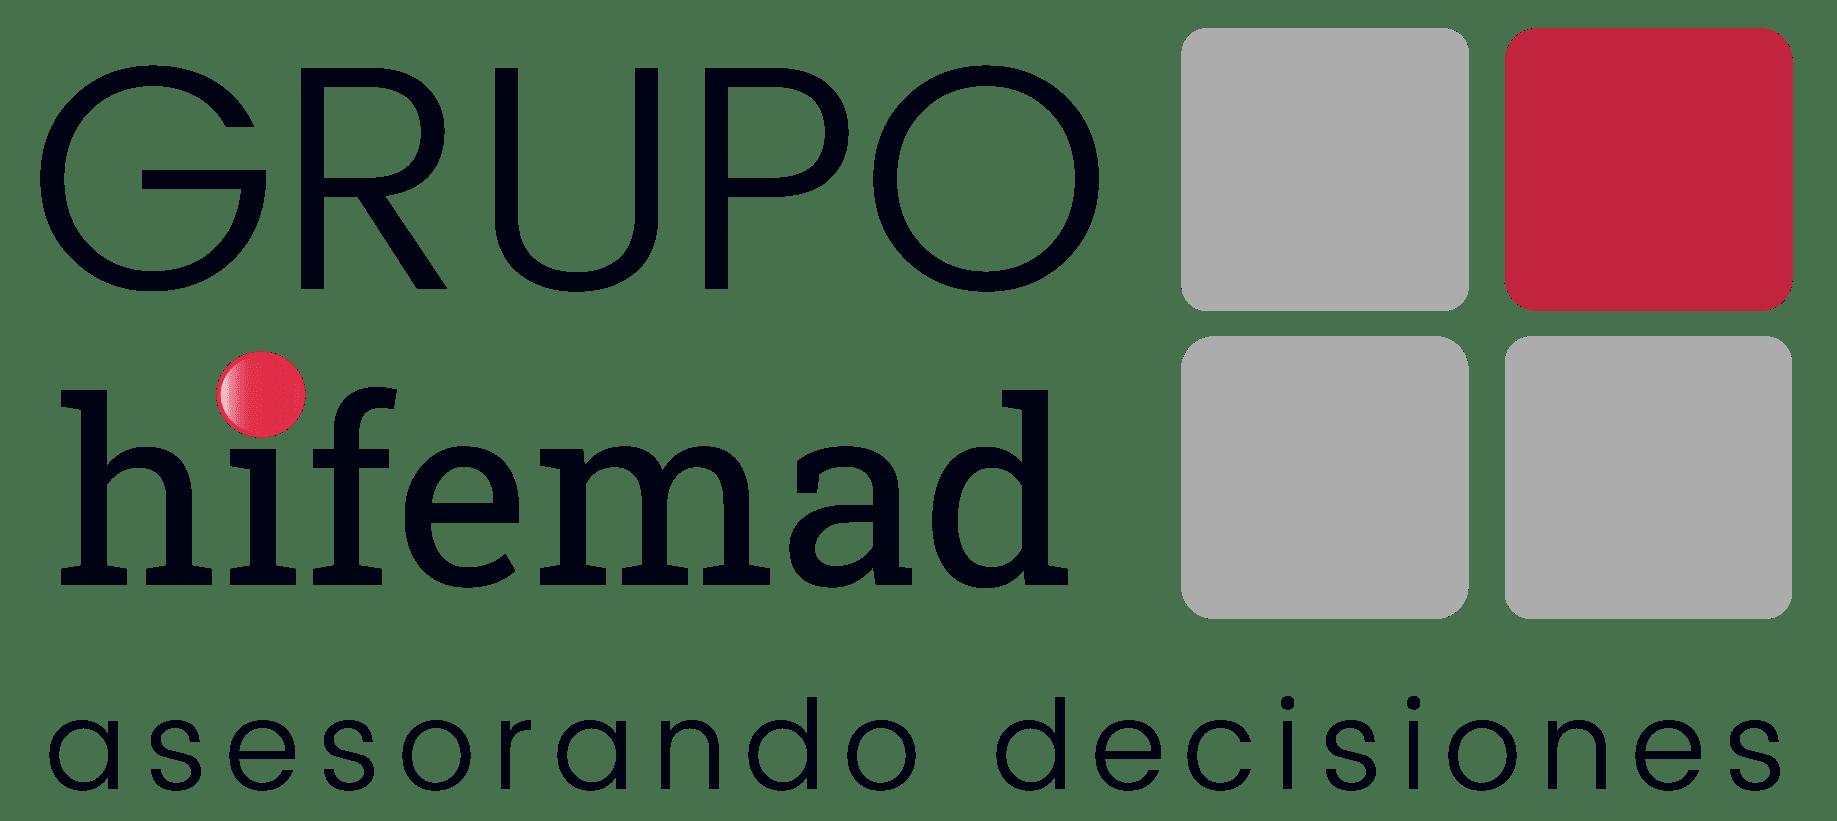 Hifemad Asesores Madrid